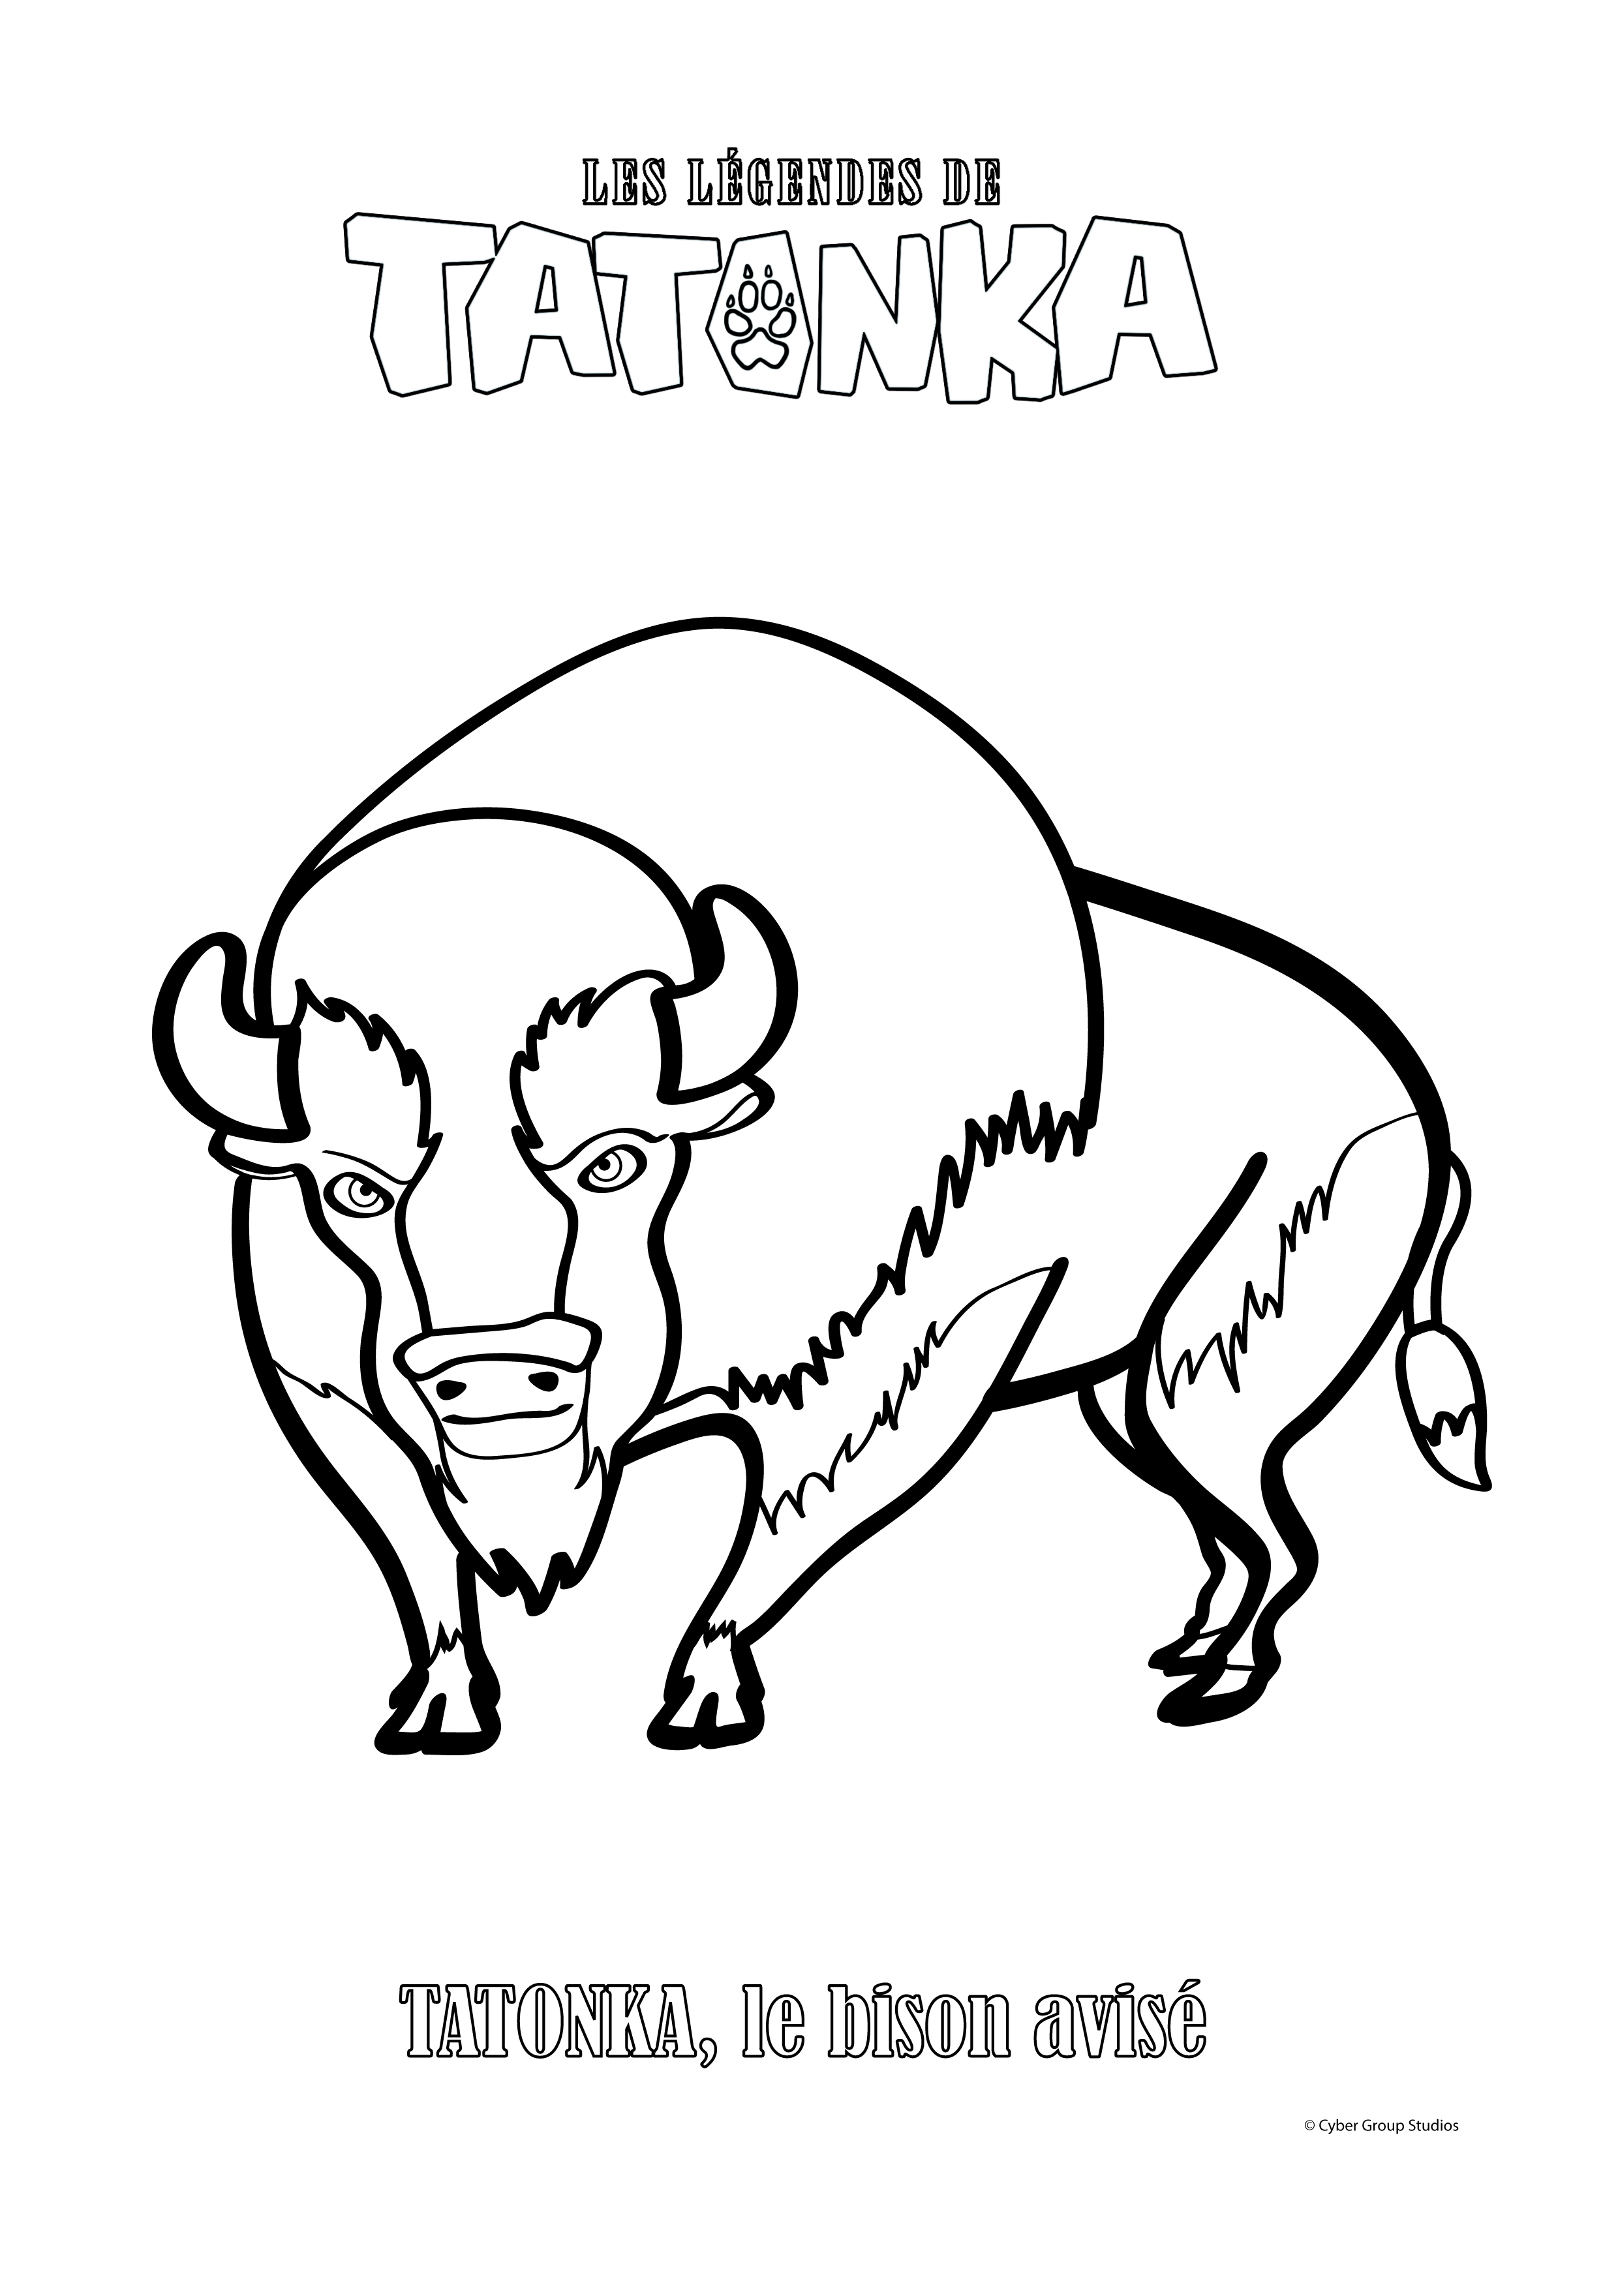 Les l gendes de tatonka ouftivi - Bison coloriage ...